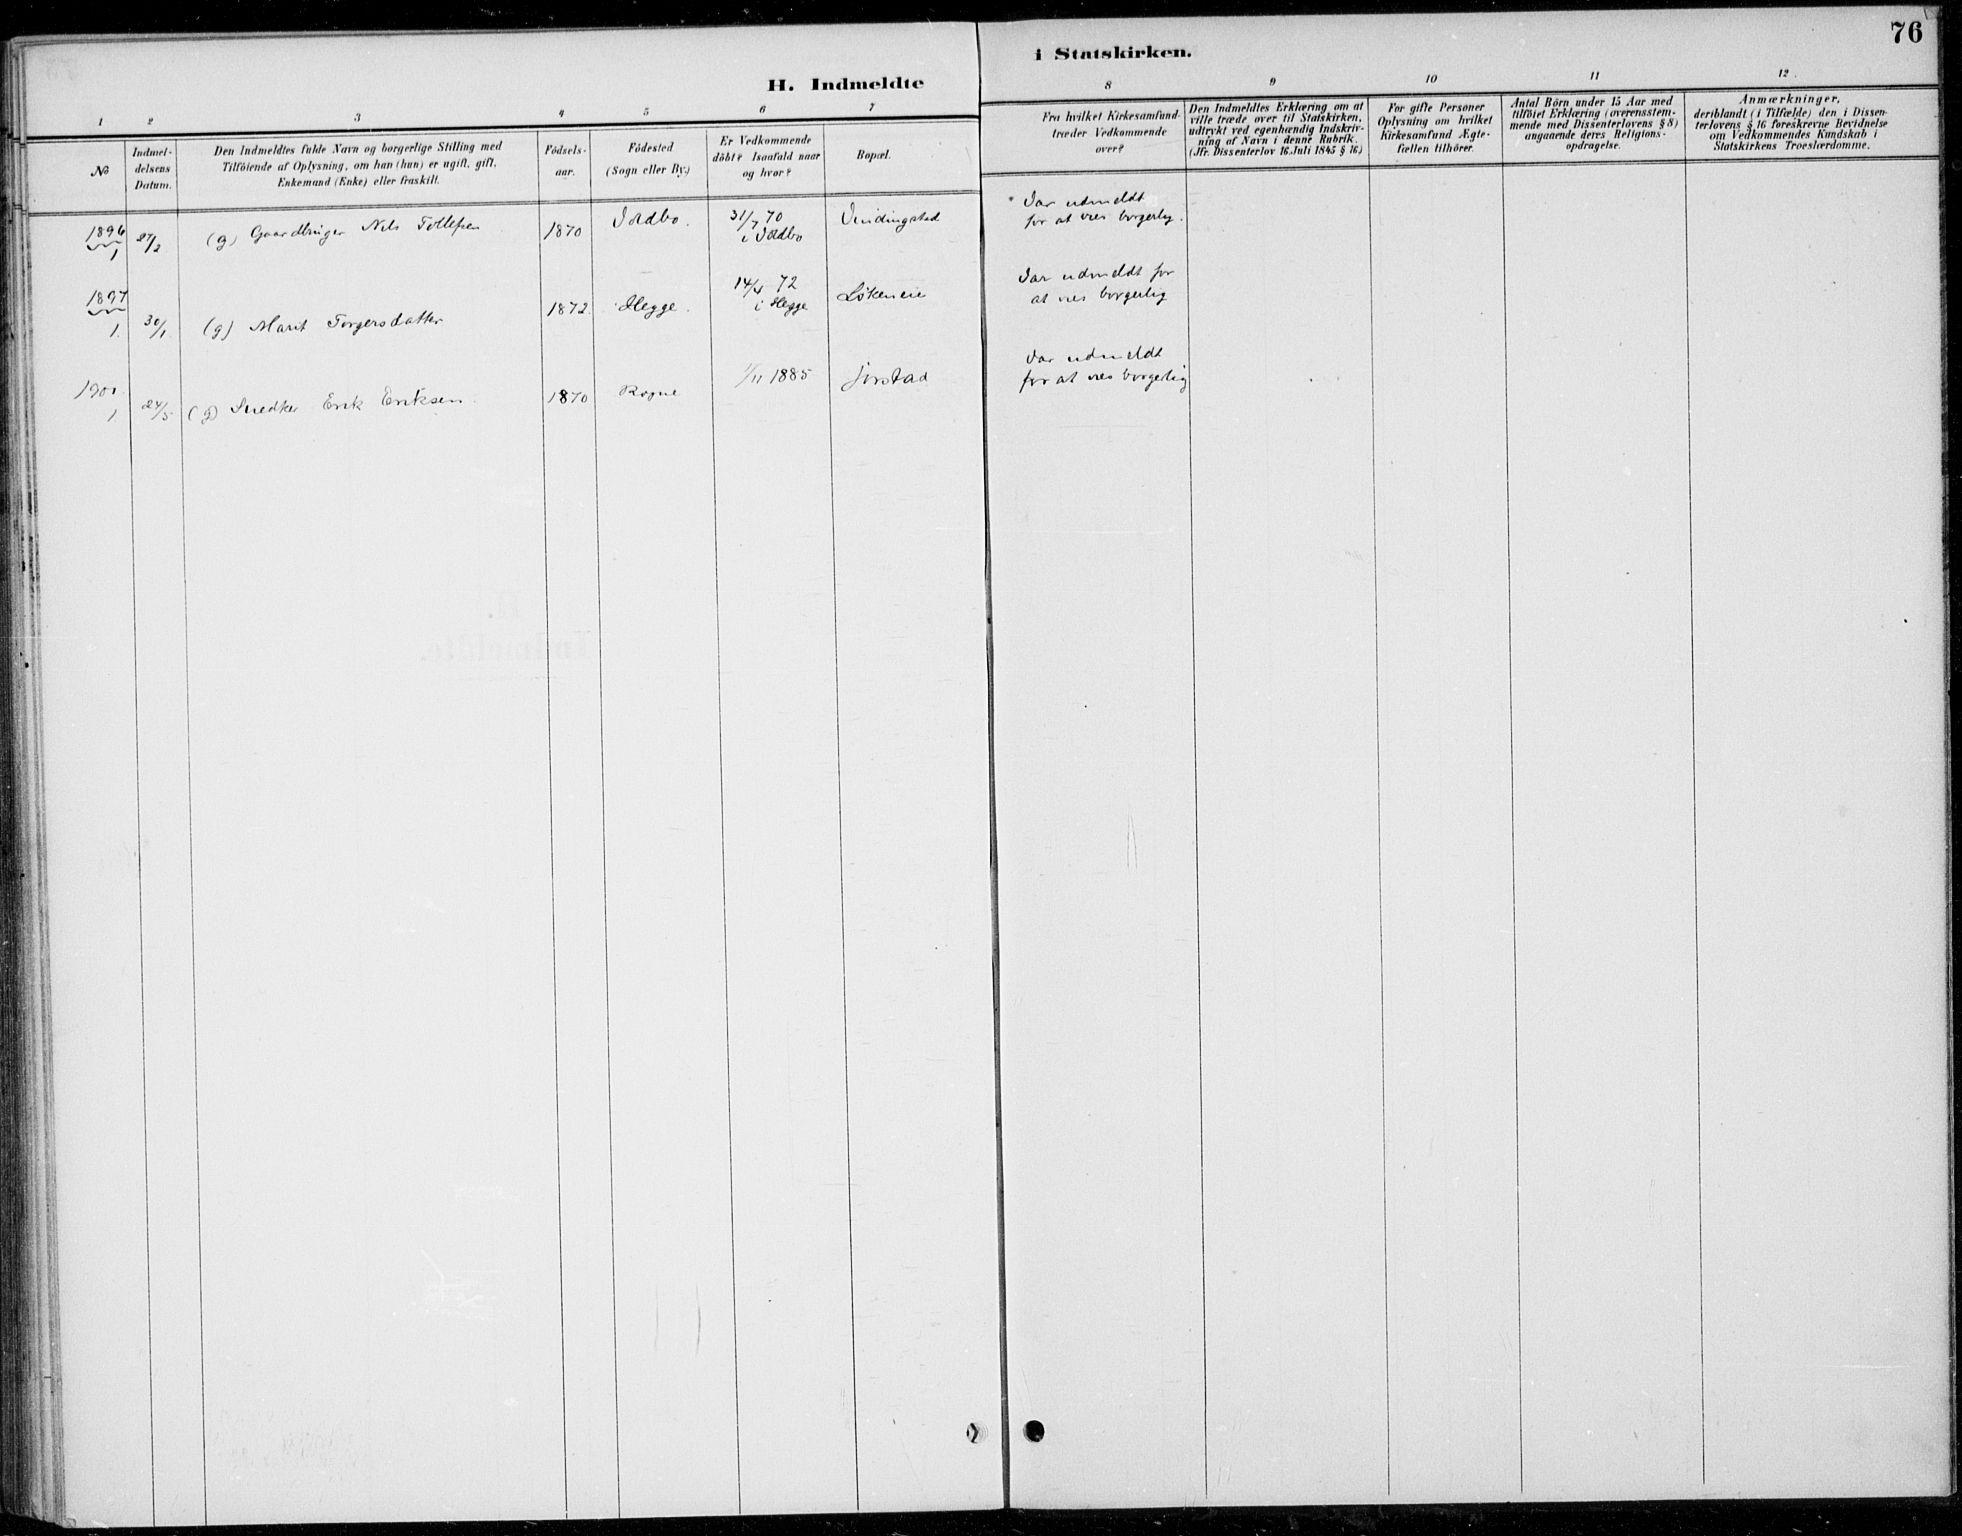 SAH, Øystre Slidre prestekontor, Ministerialbok nr. 5, 1887-1916, s. 76